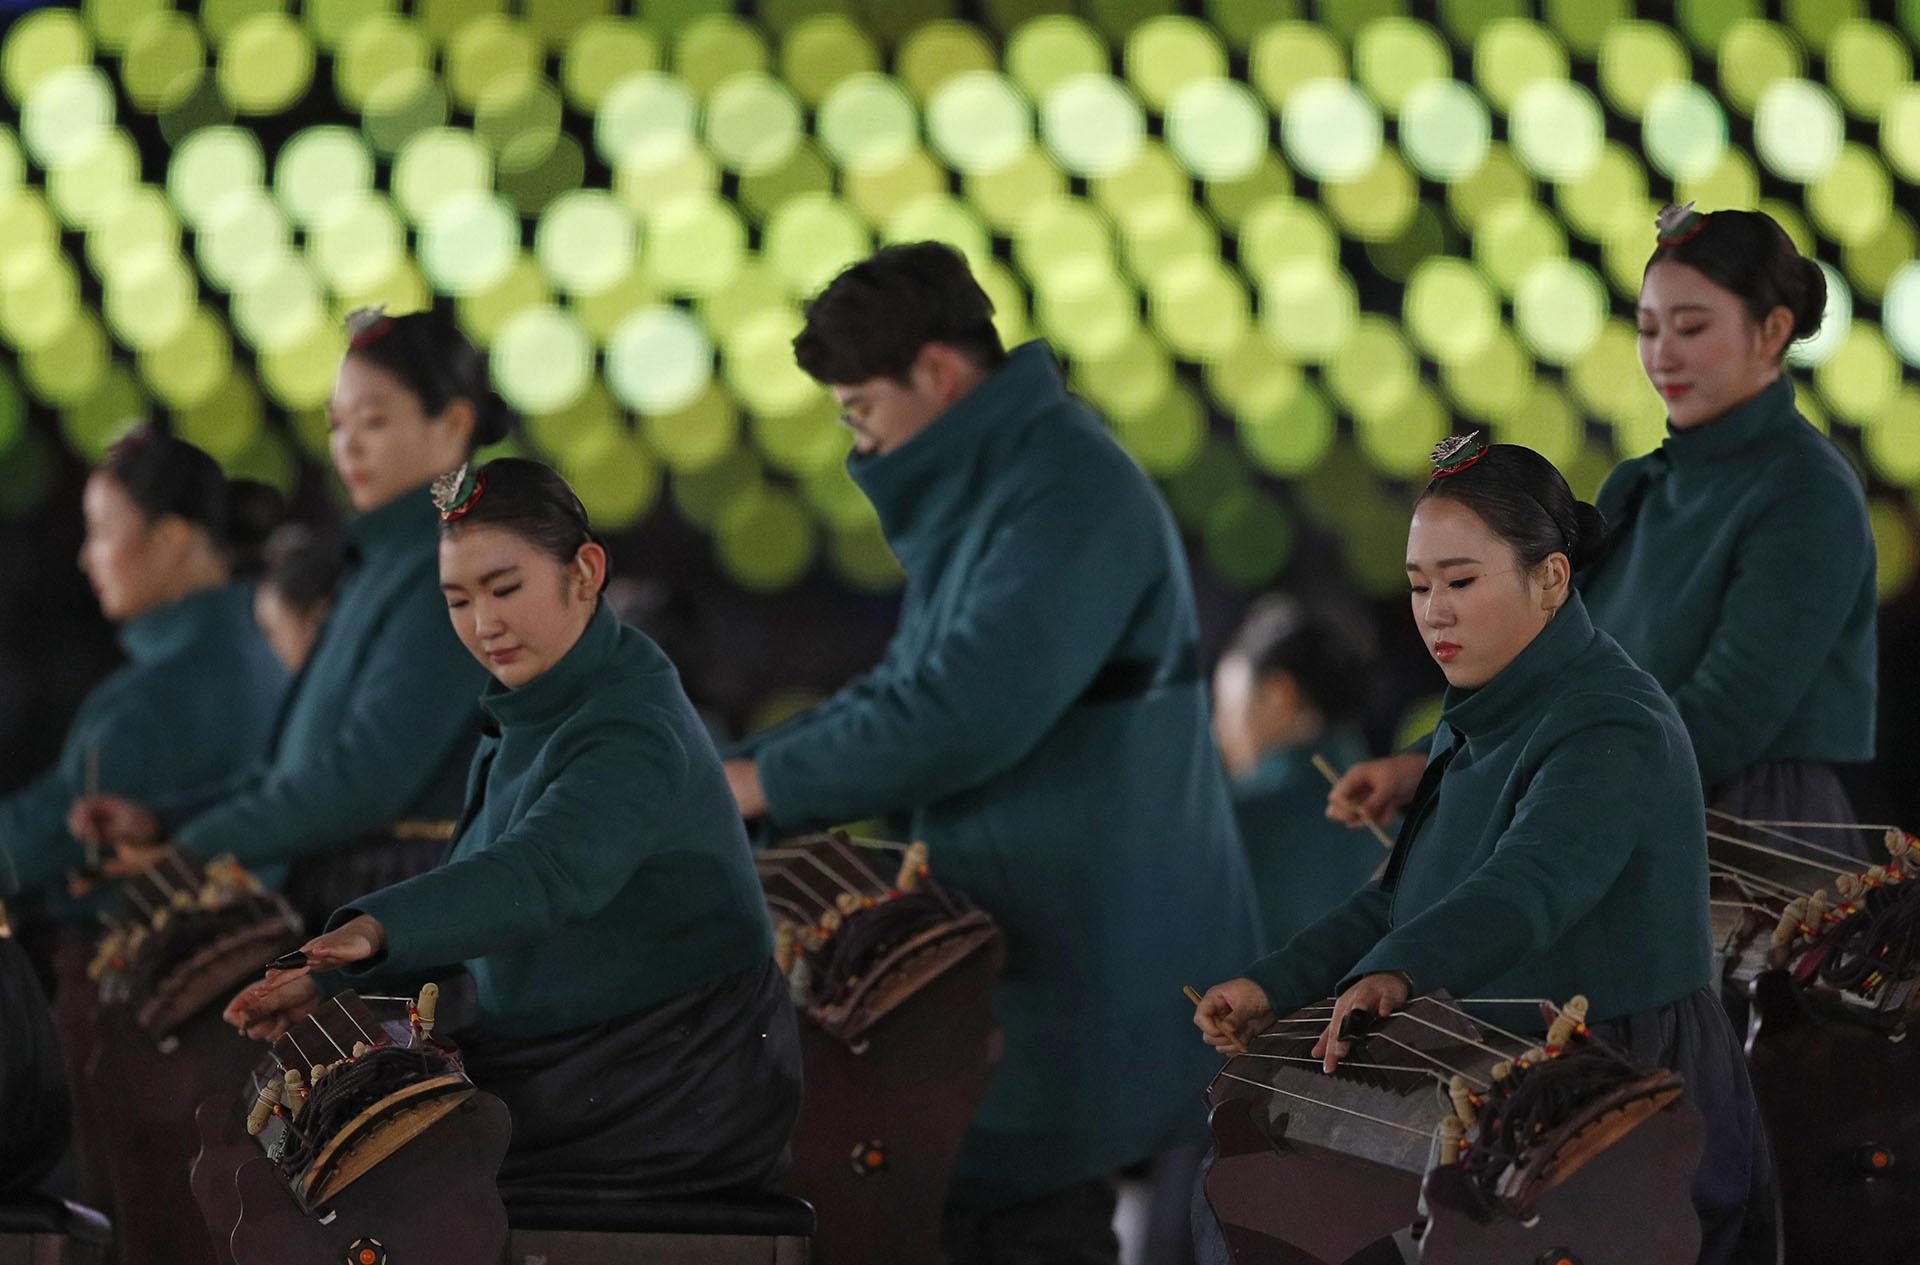 A diferencia de lo que sucedió en la ceremonia inaugural, en esta ocasión las dos coreas no portaron bandera unificada